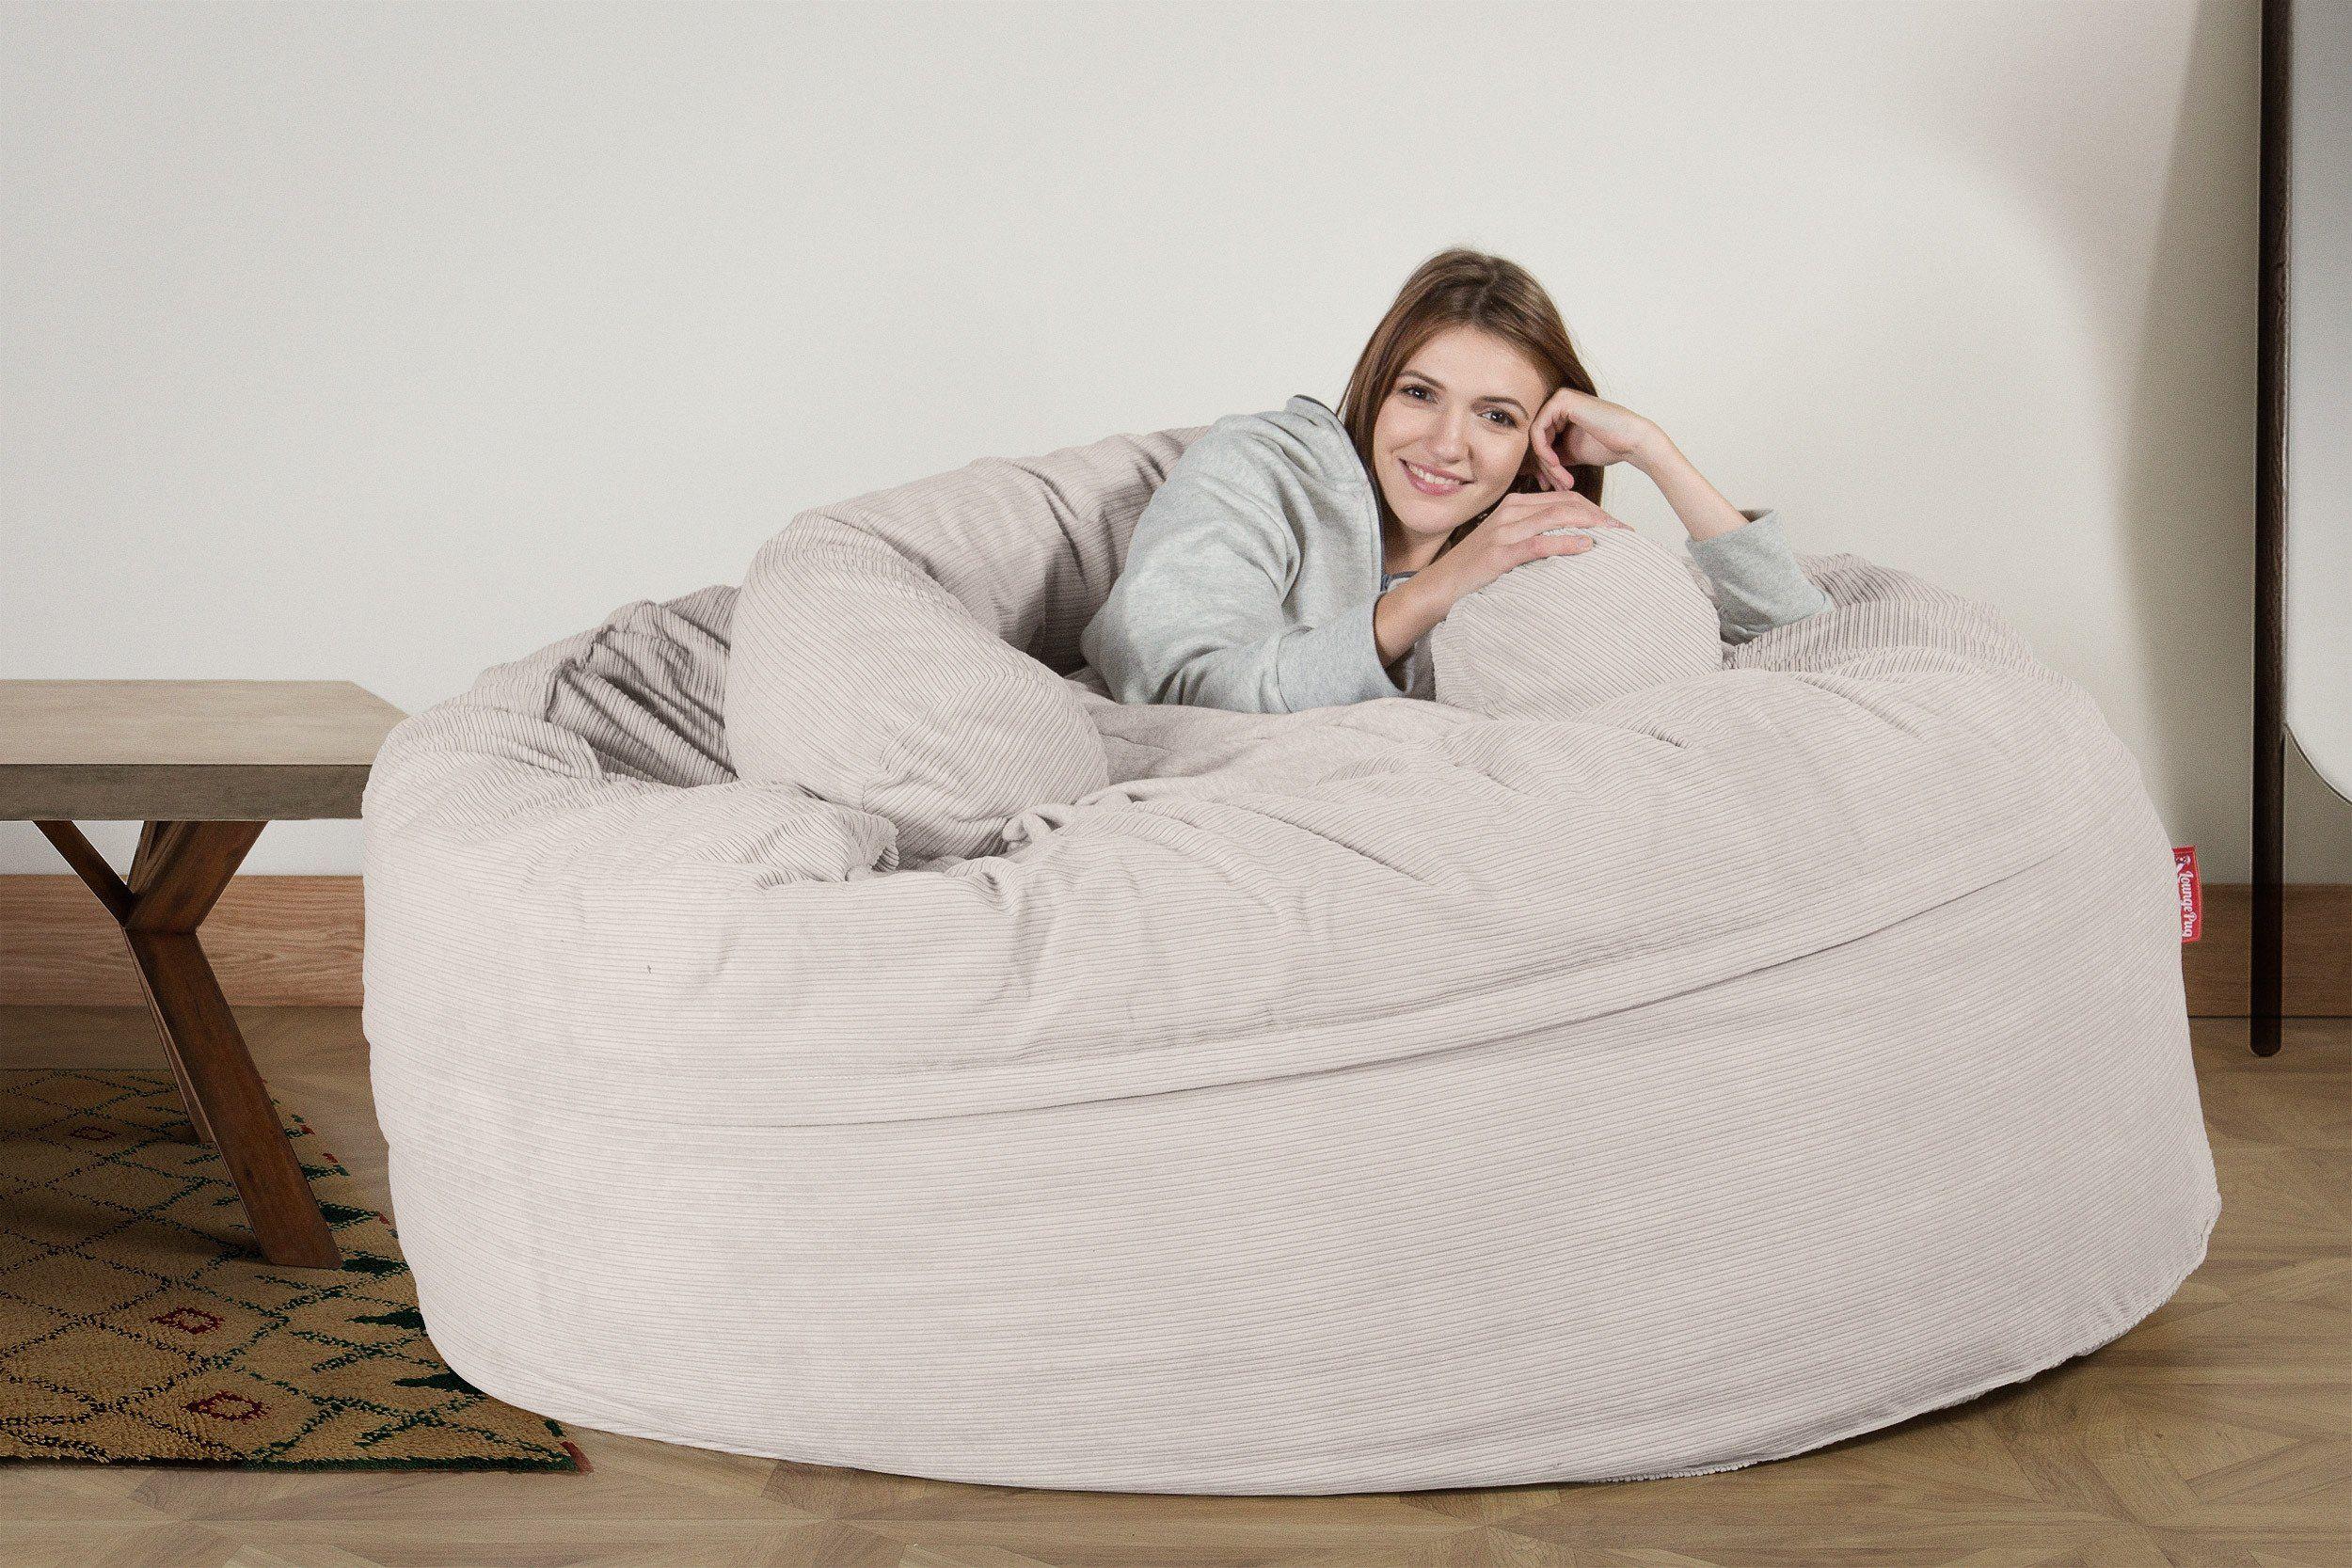 73 Wertvoll Fotografie Von Riesen Couch